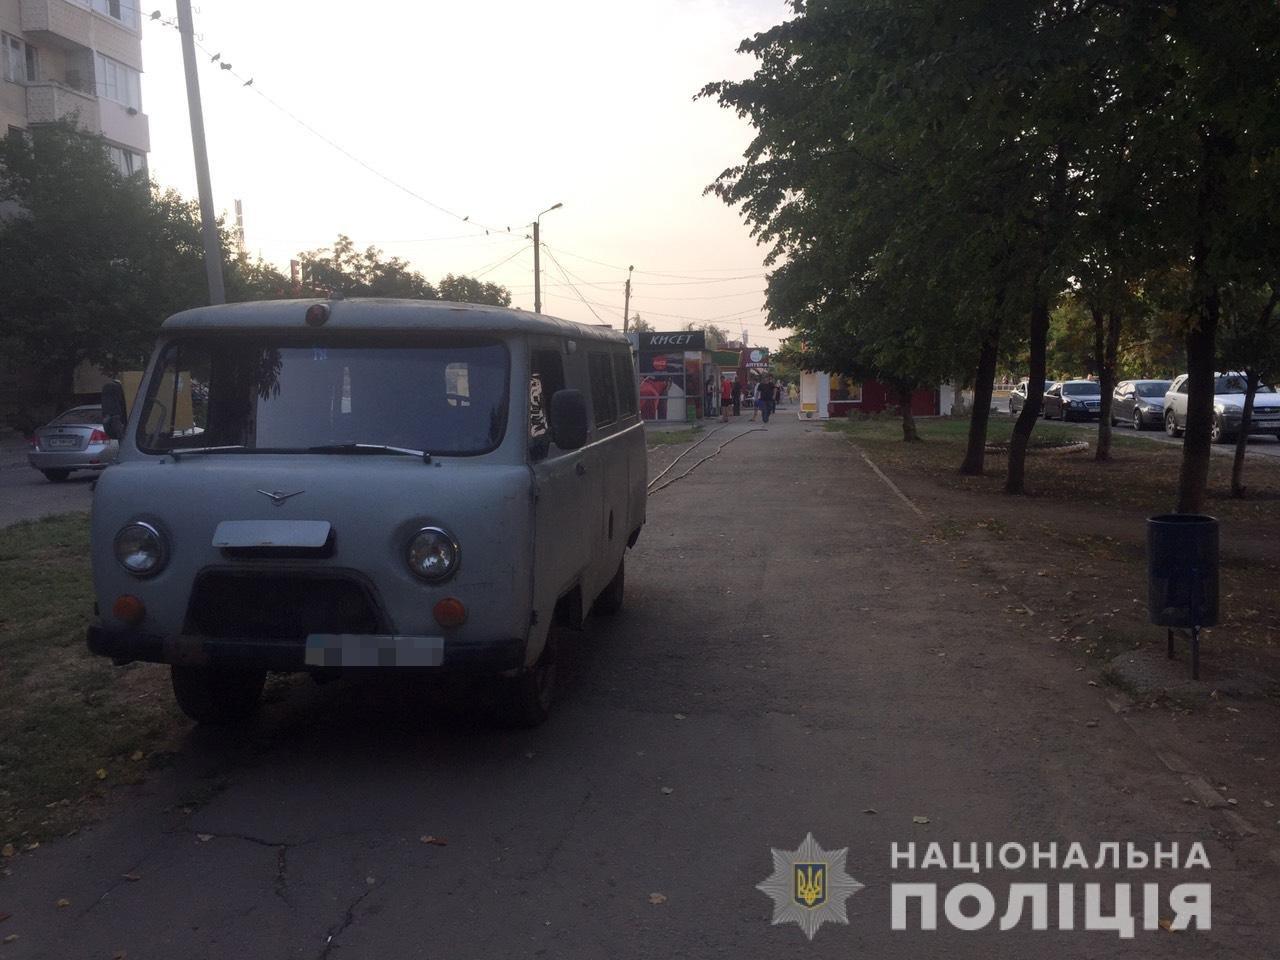 В Харькове от удара кабелем пострадала 6-летняя девочка, - ФОТО, фото-2